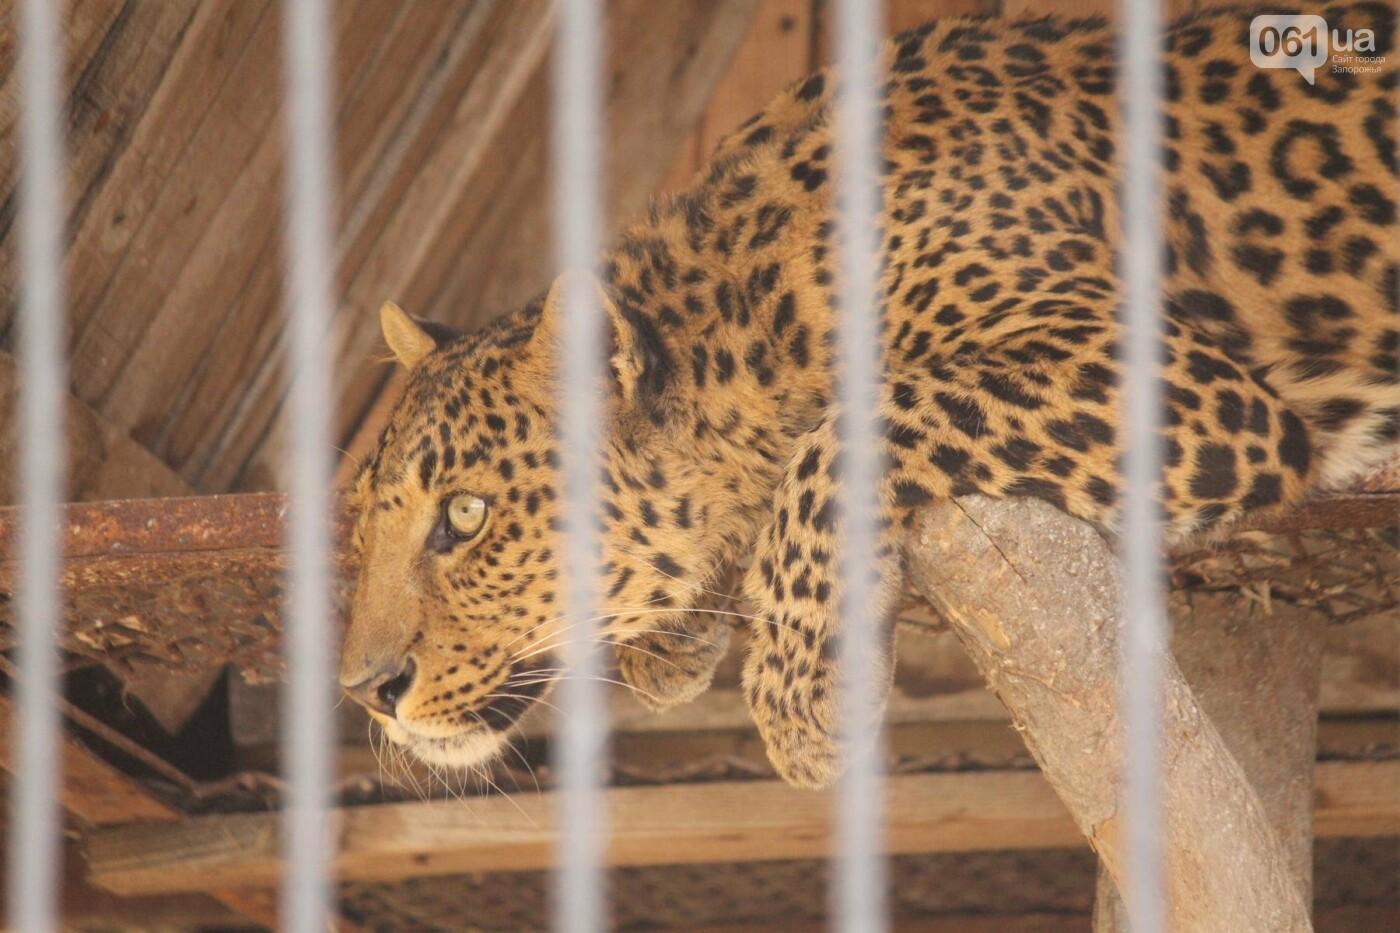 В доме с хищниками: как Александр Пылышенко прожил 36 дней с львицей и построил в Васильевке уникальный зоопарк, фото-27